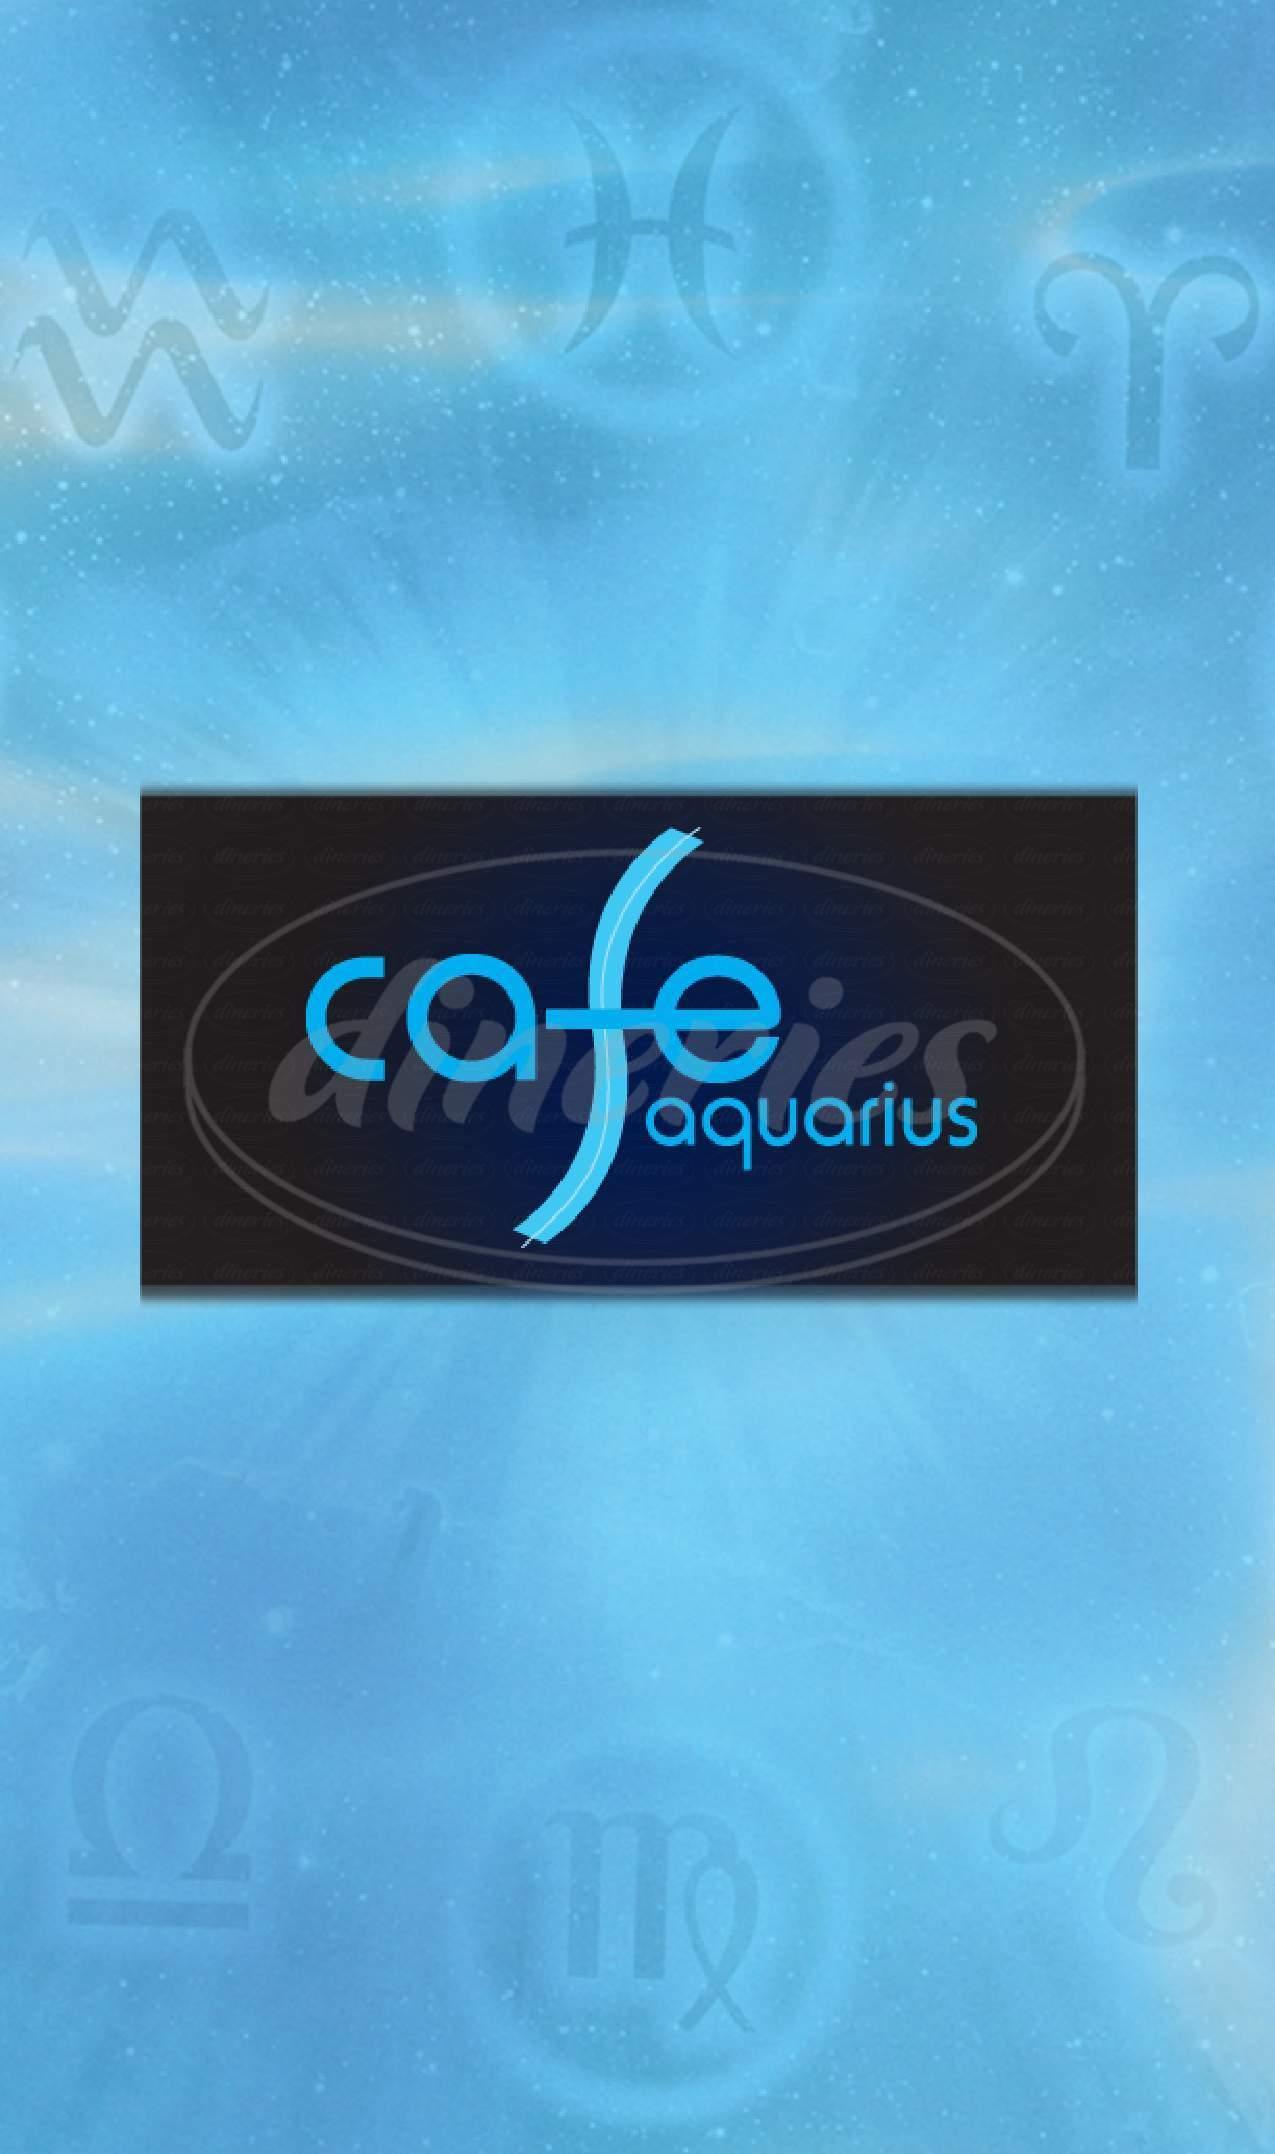 menu for Cafe Aquarius